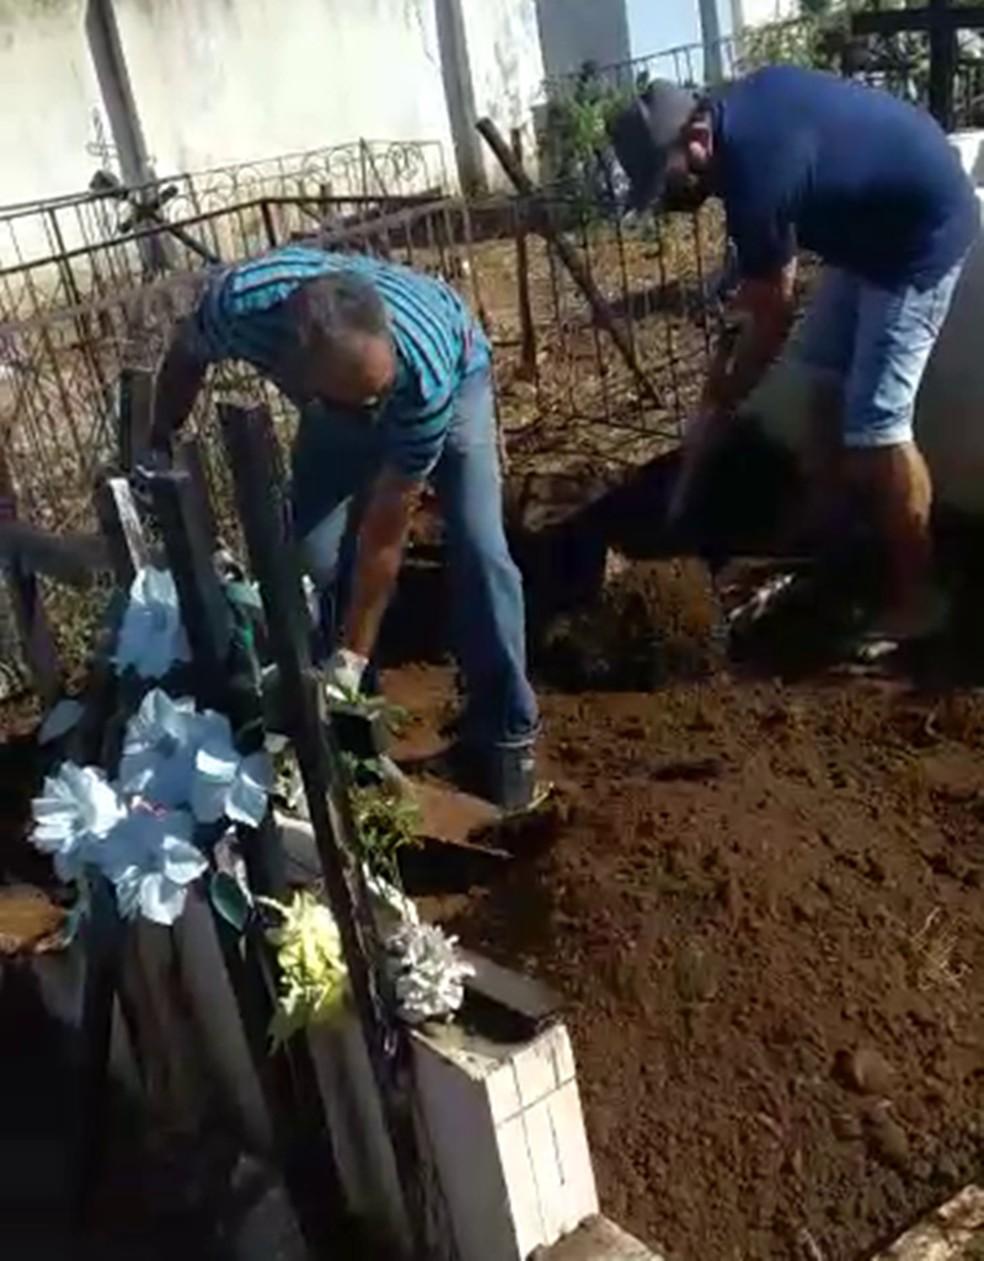 Família tem que enterrar parente que morreu de Covid-19 por falta de coveiro, em Riacho dos Cavalos, PB  — Foto: TV Paraíba/Reprodução